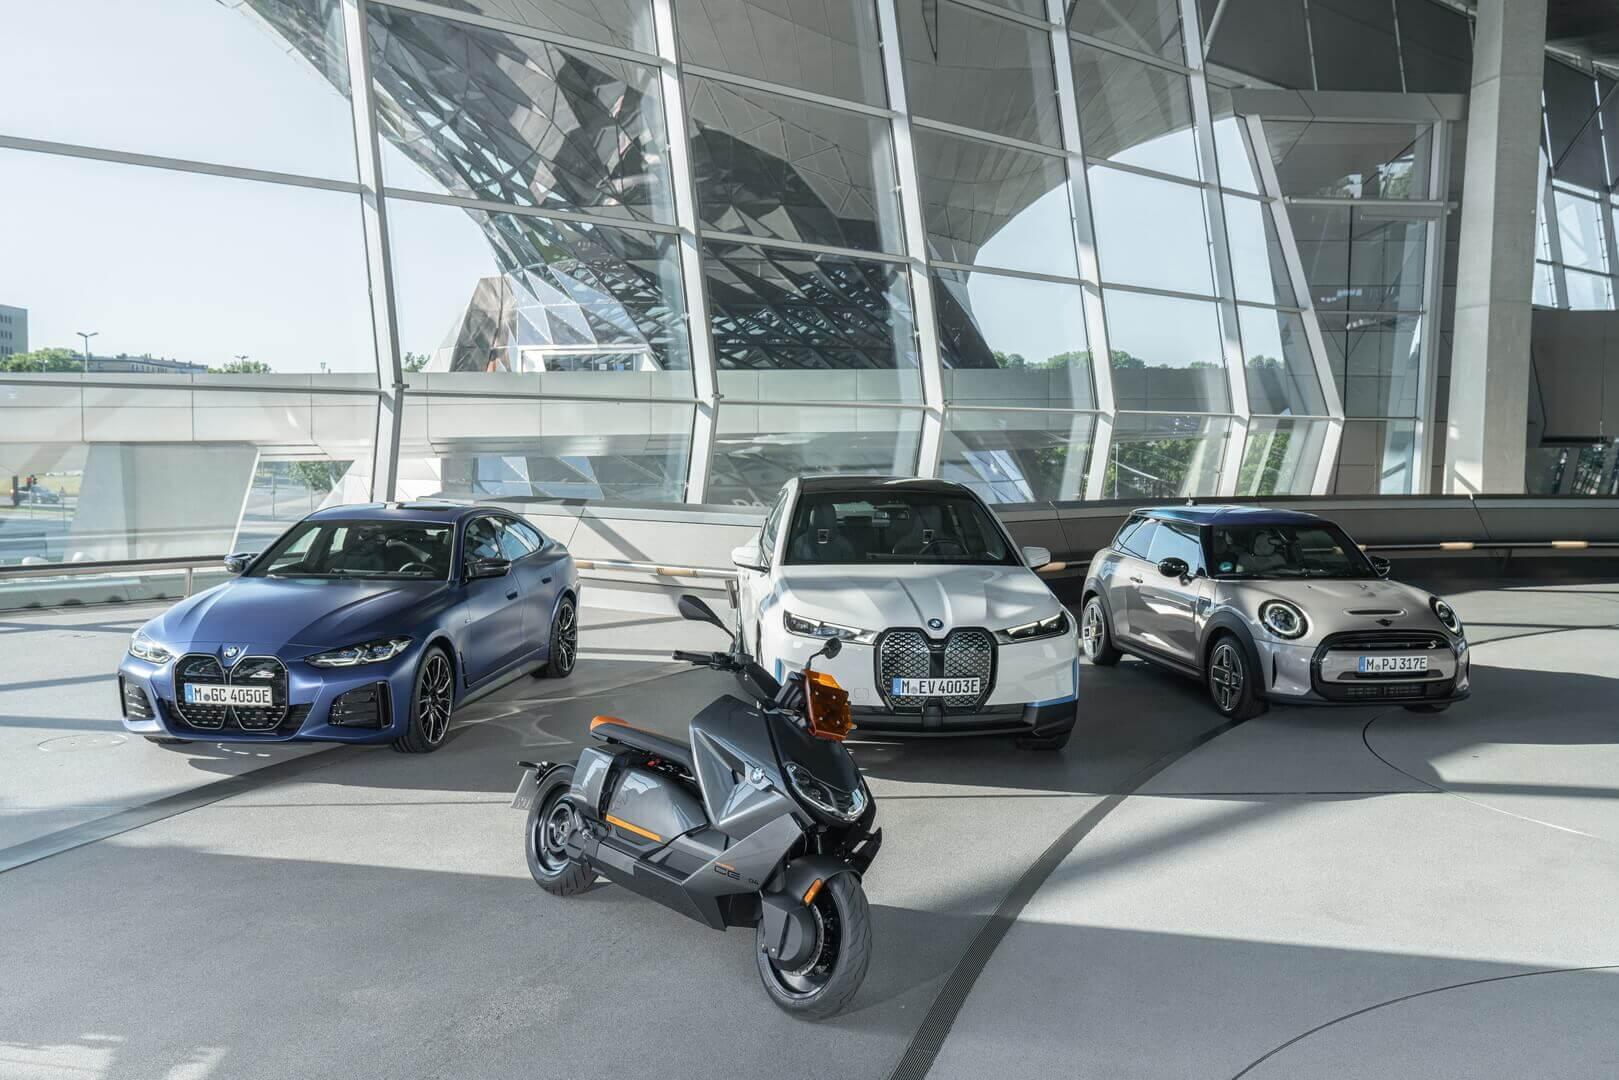 BMW CE 04 получил электромотор с жидкостным охлаждением